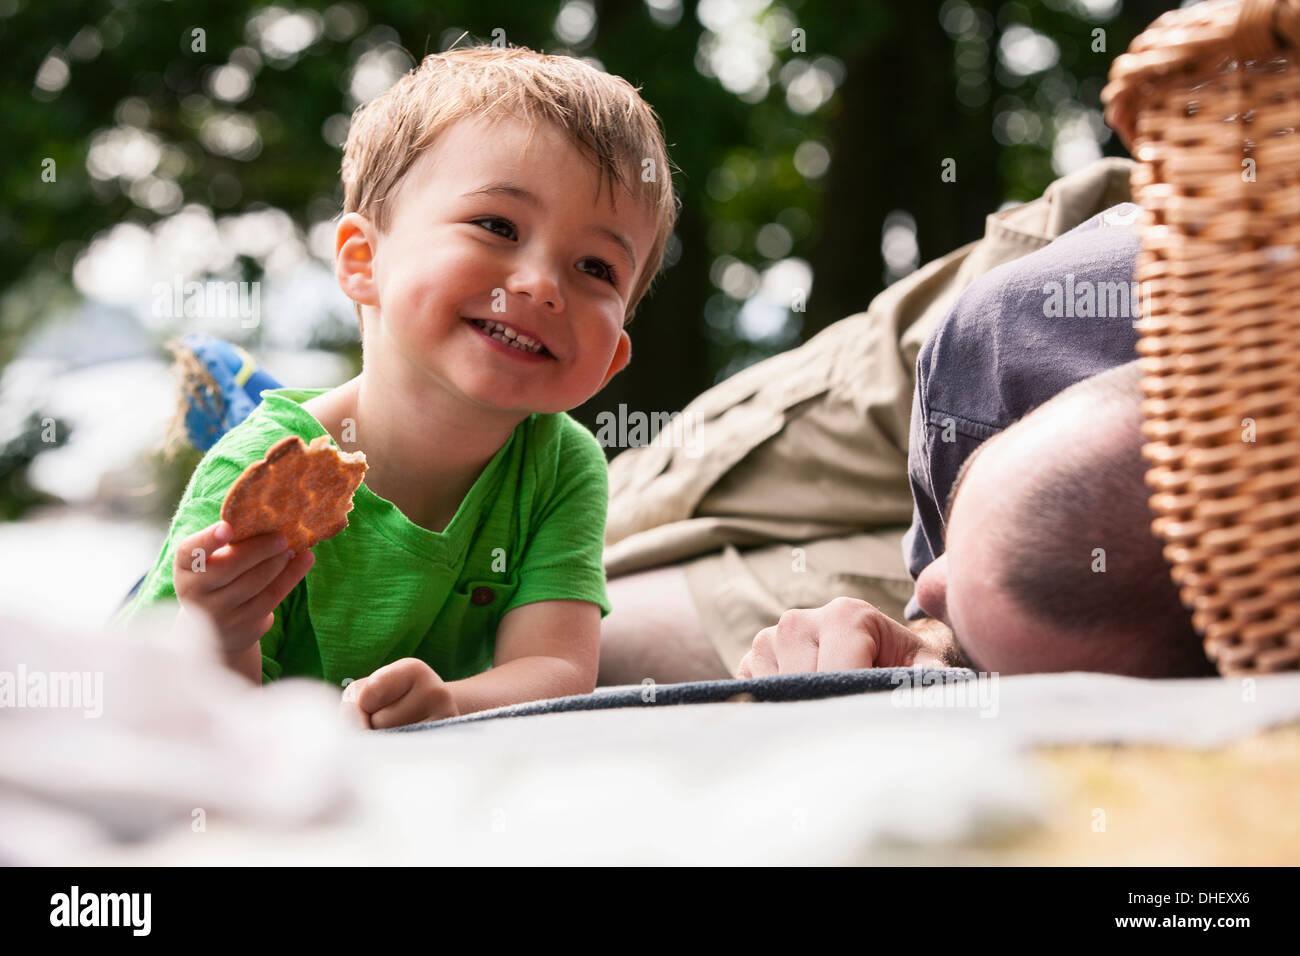 Chico disfrutando de un picnic con padre Imagen De Stock